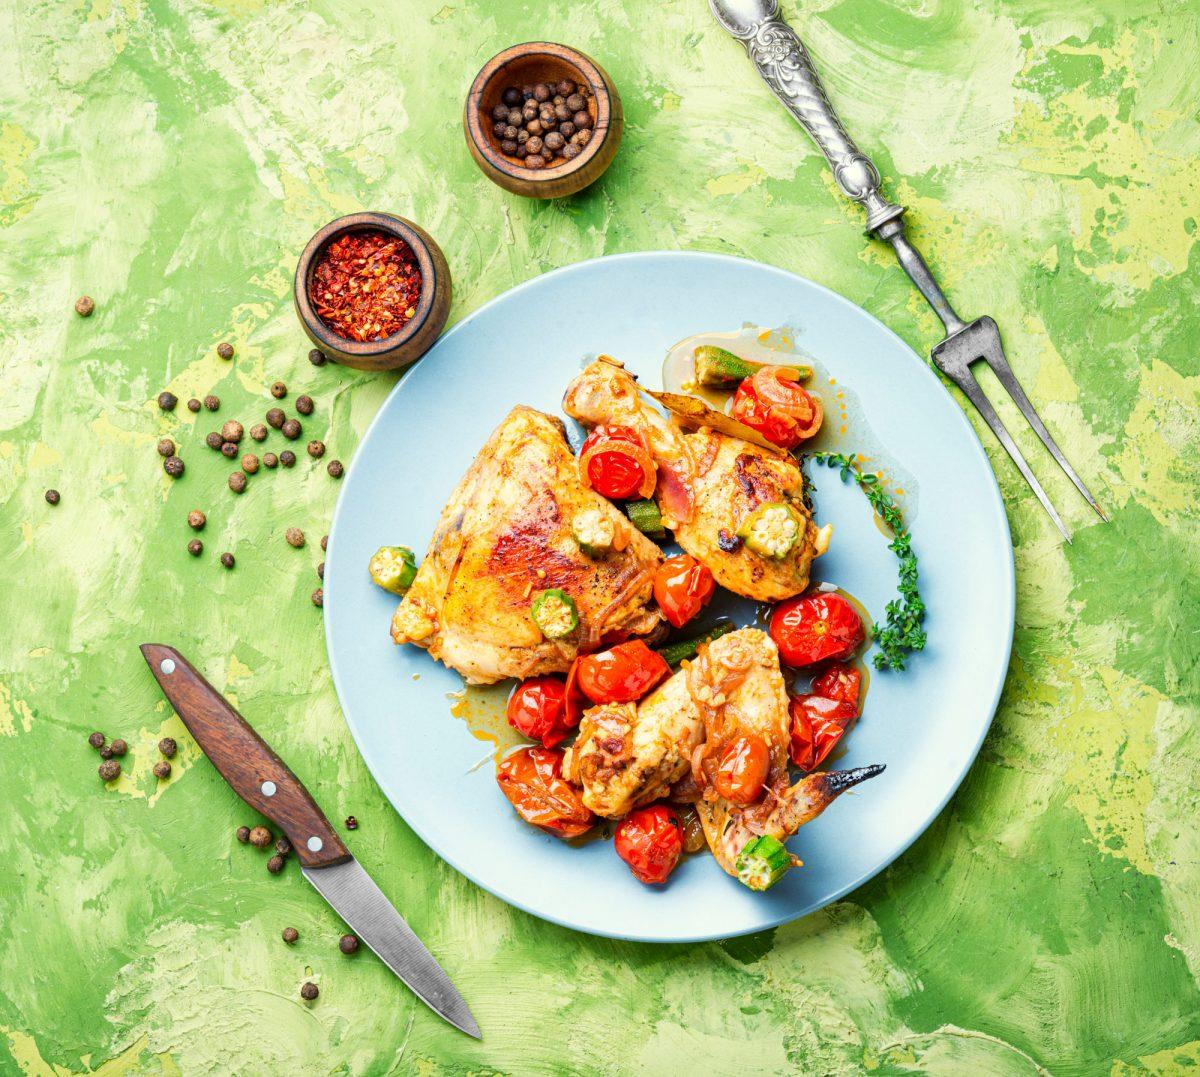 Pollo-al-horno-en-salsa-de-ajo-y-pimentón-